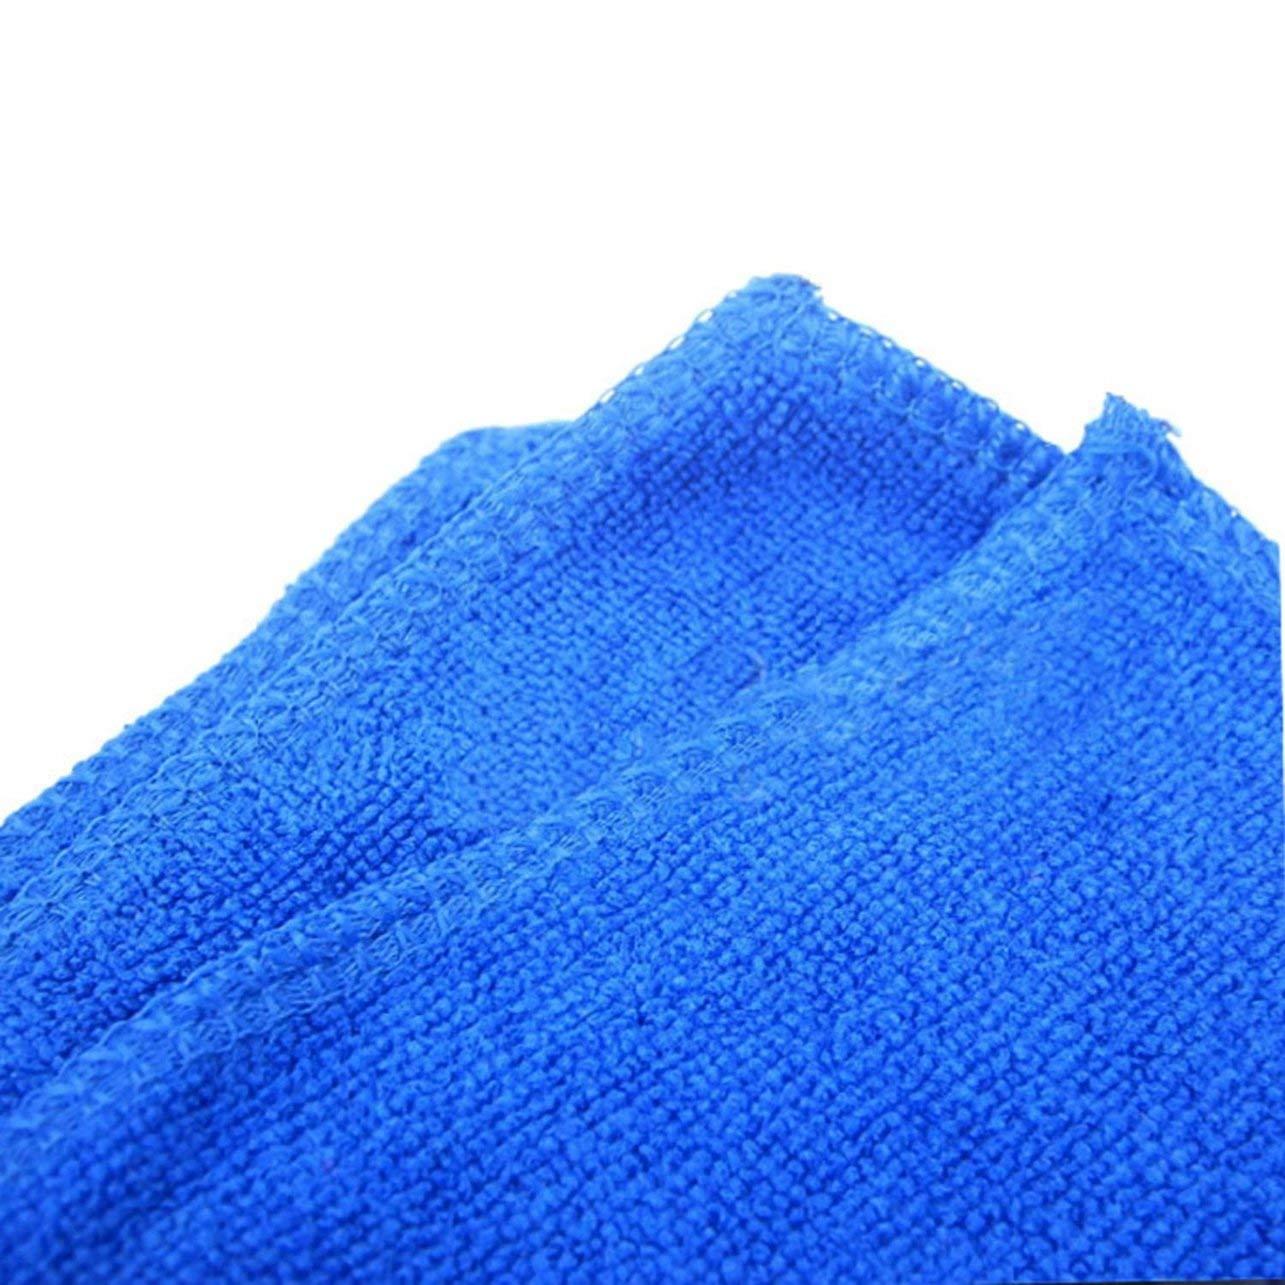 WOSOSYEYO Lavage de Voiture en Microfibre Serviette Nettoyage Automobile S/échage Rapide Chiffon Entretien de la Voiture ourlage Absorption Eau Serviette Lavage